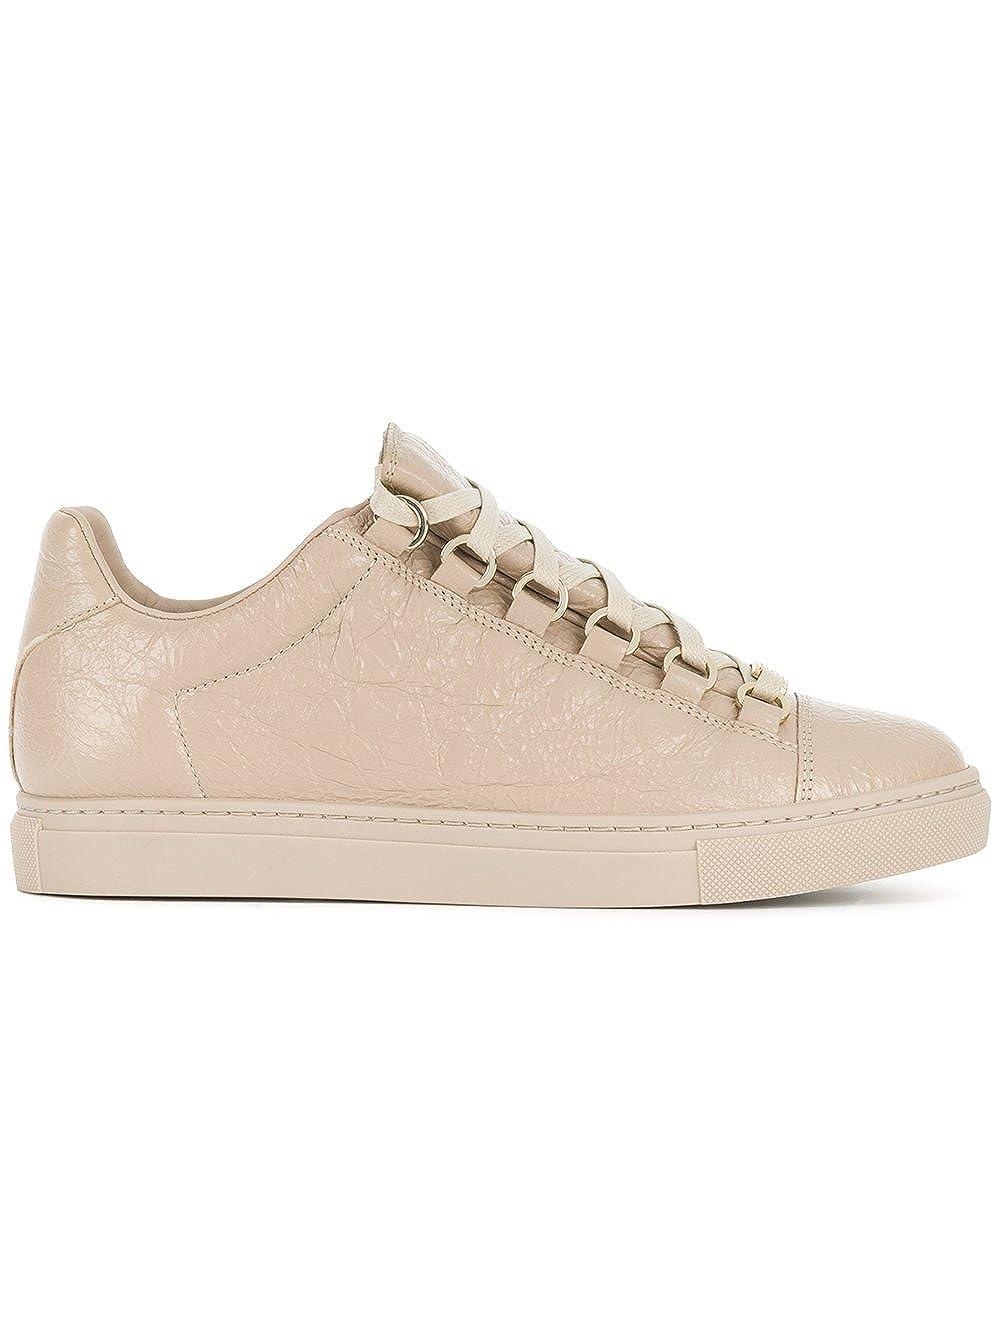 Balenciaga - Zapatillas para Mujer Beige Beige IT - Marke Größe, Color Beige, Talla 39 IT - Marke Größe 39: Amazon.es: Zapatos y complementos